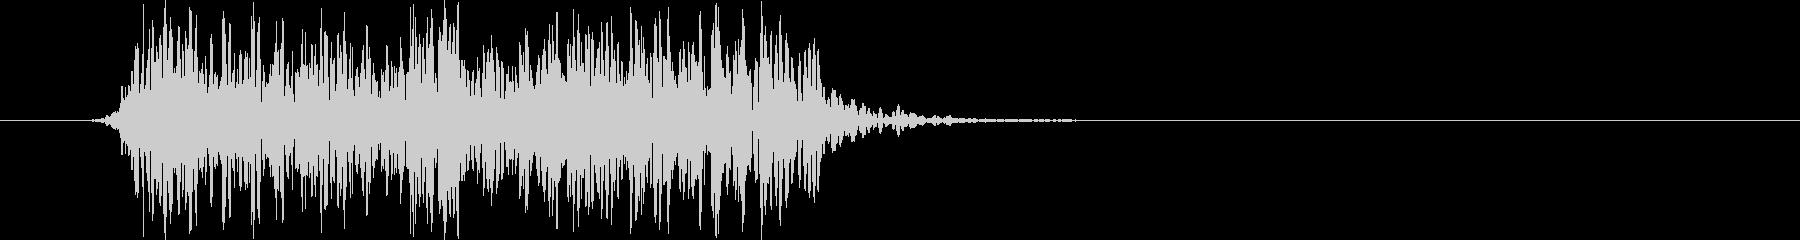 激情的なパンクサウンド#01(ジングル)の未再生の波形